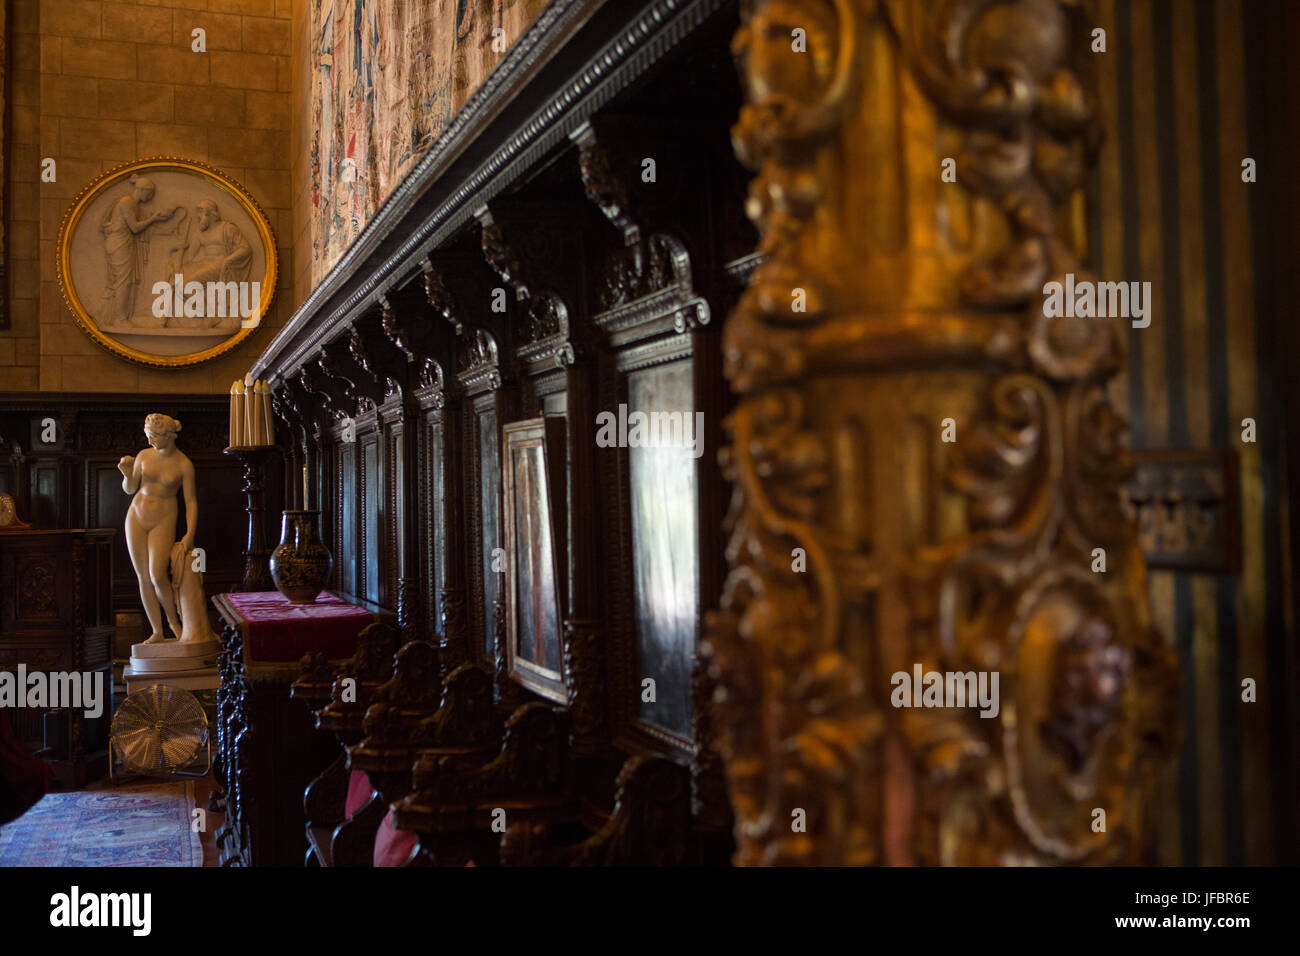 Hearst Castle paredes interiores están decorados con silla de coro se cala, estatuas y decoración ornamental. Imagen De Stock